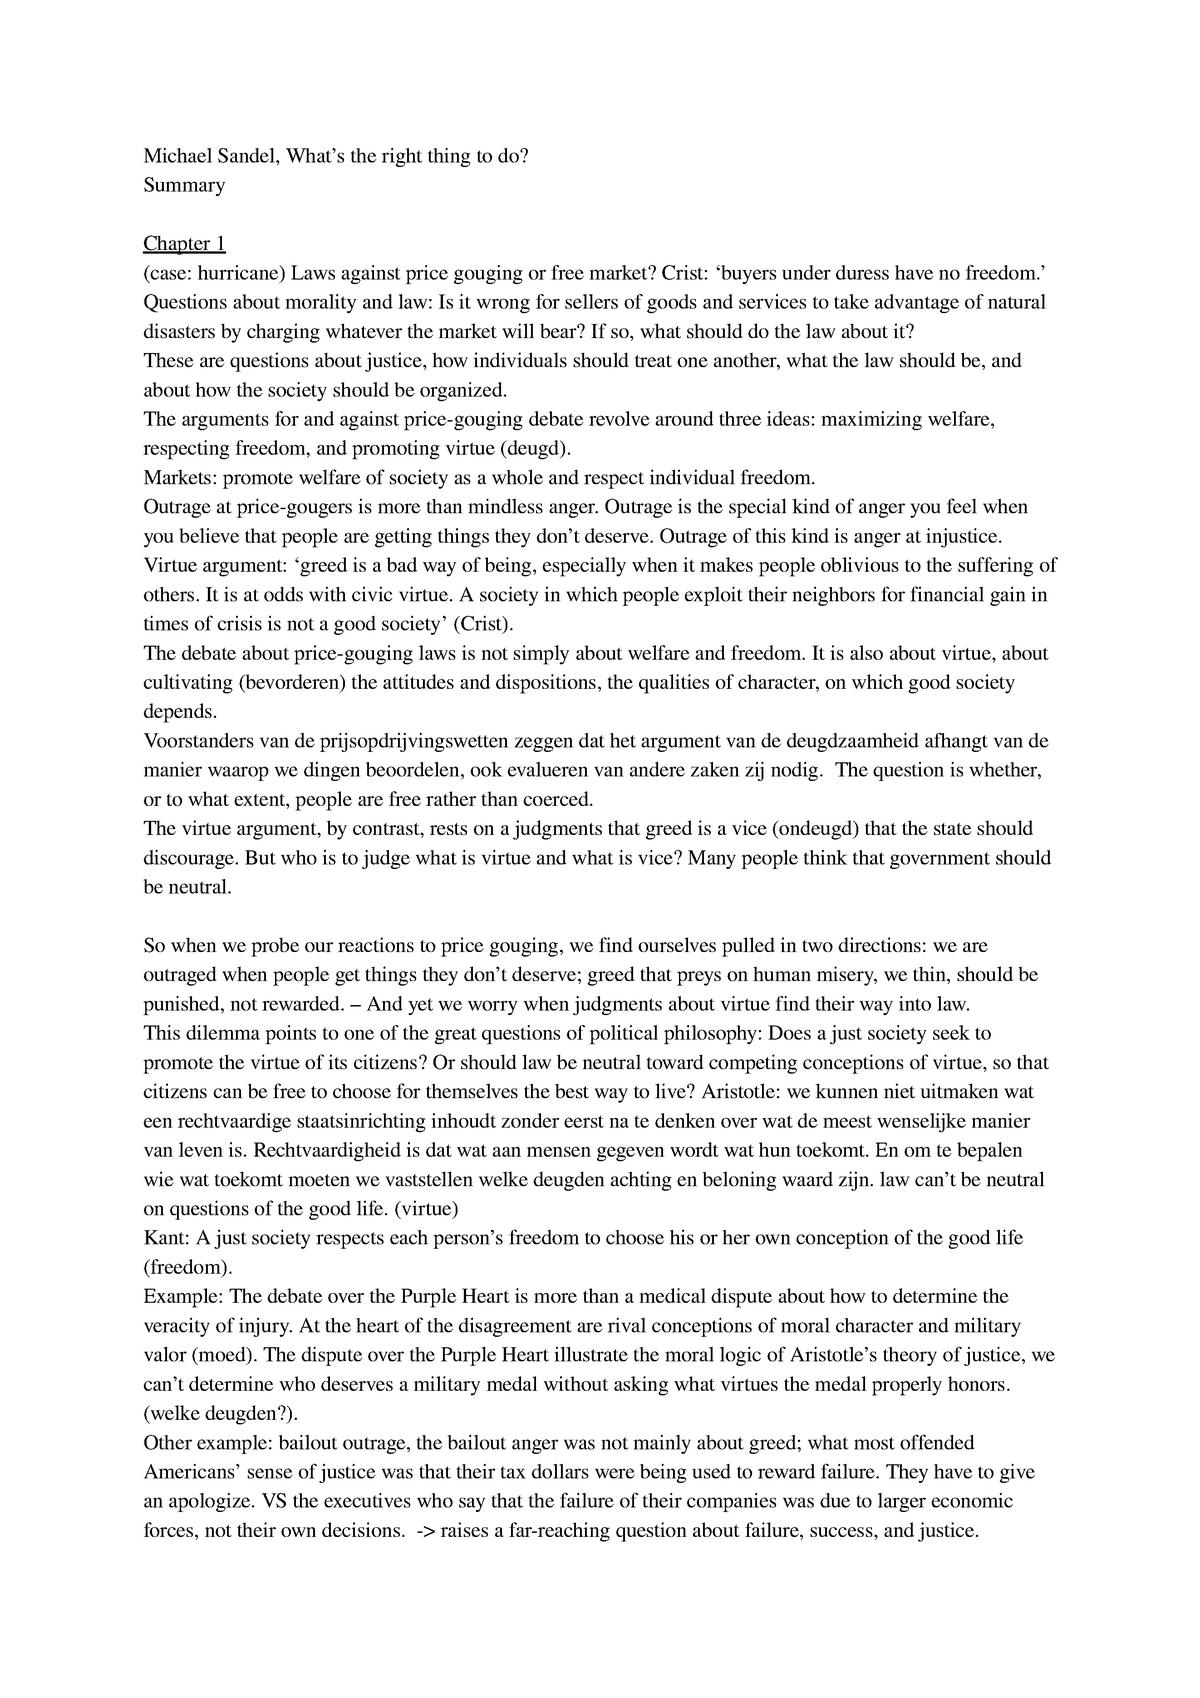 Do the right thing summary essay